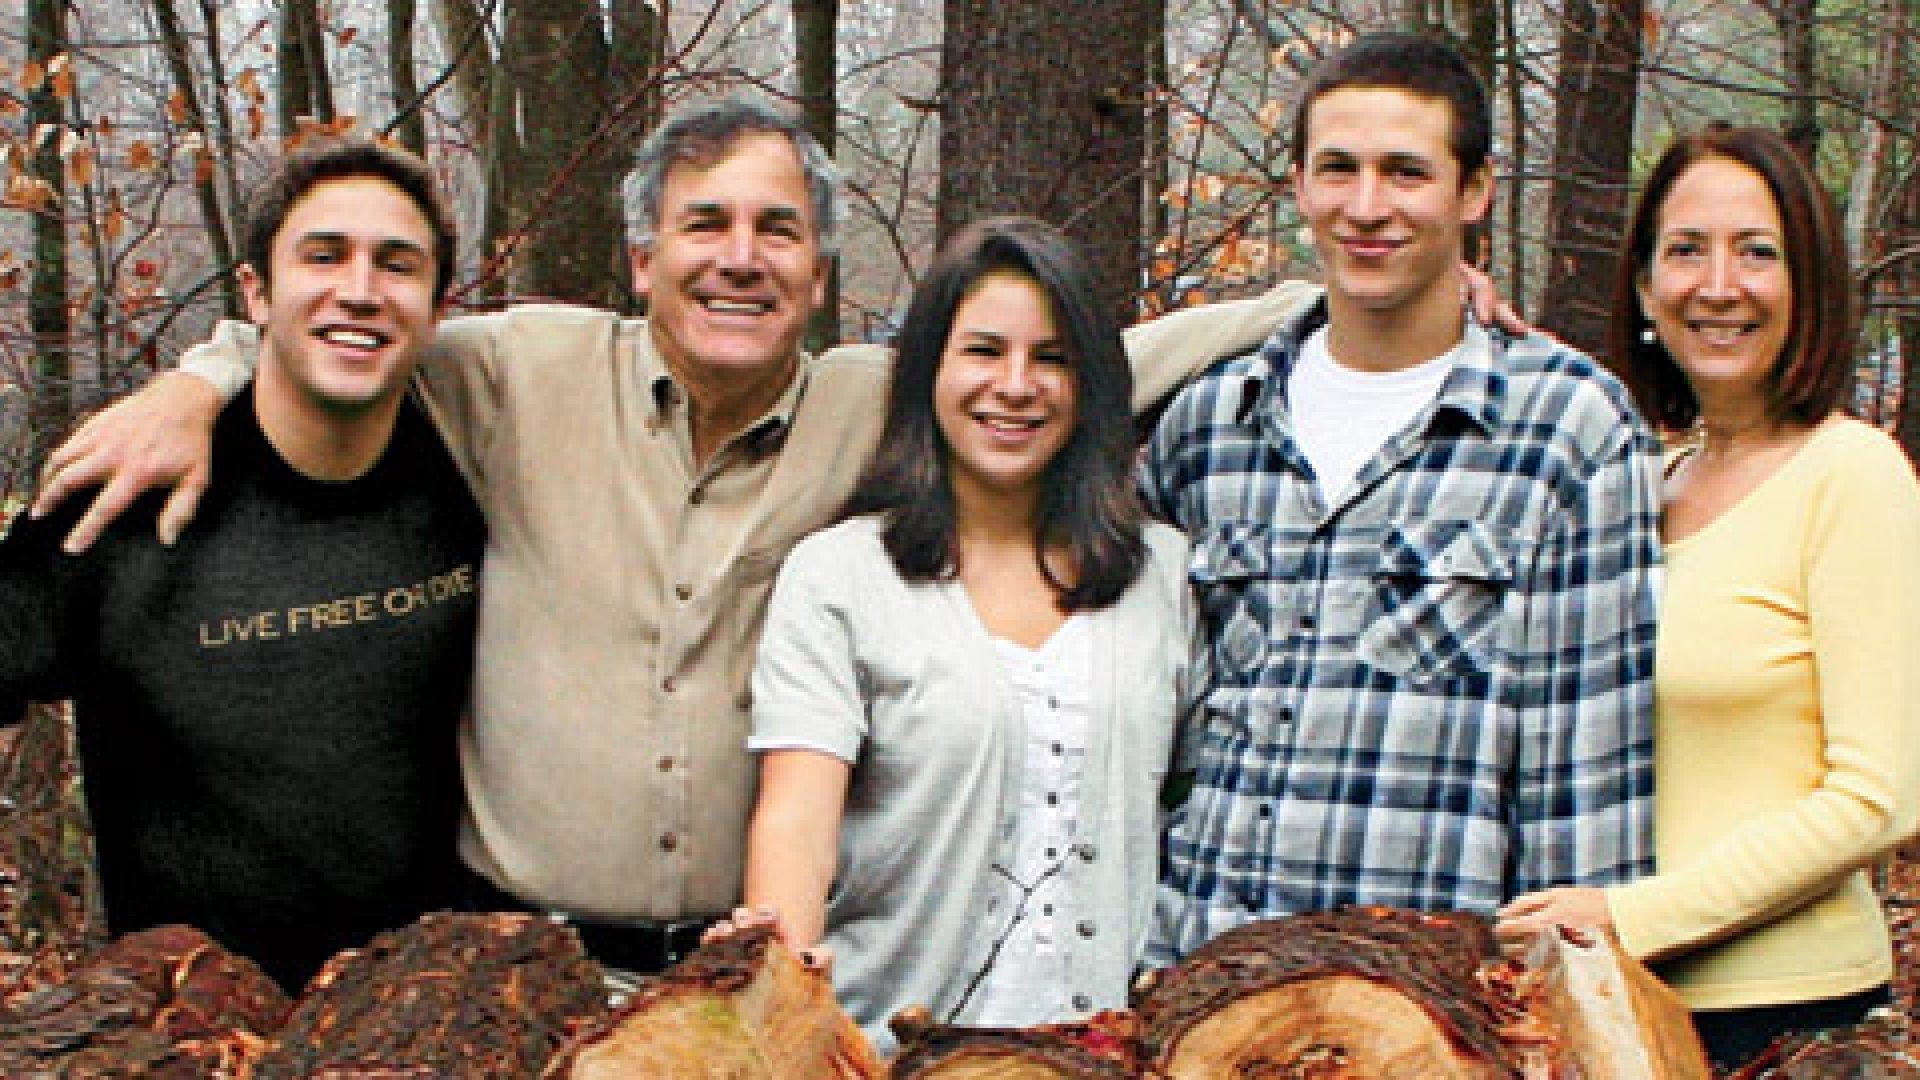 Hirshberg family photo